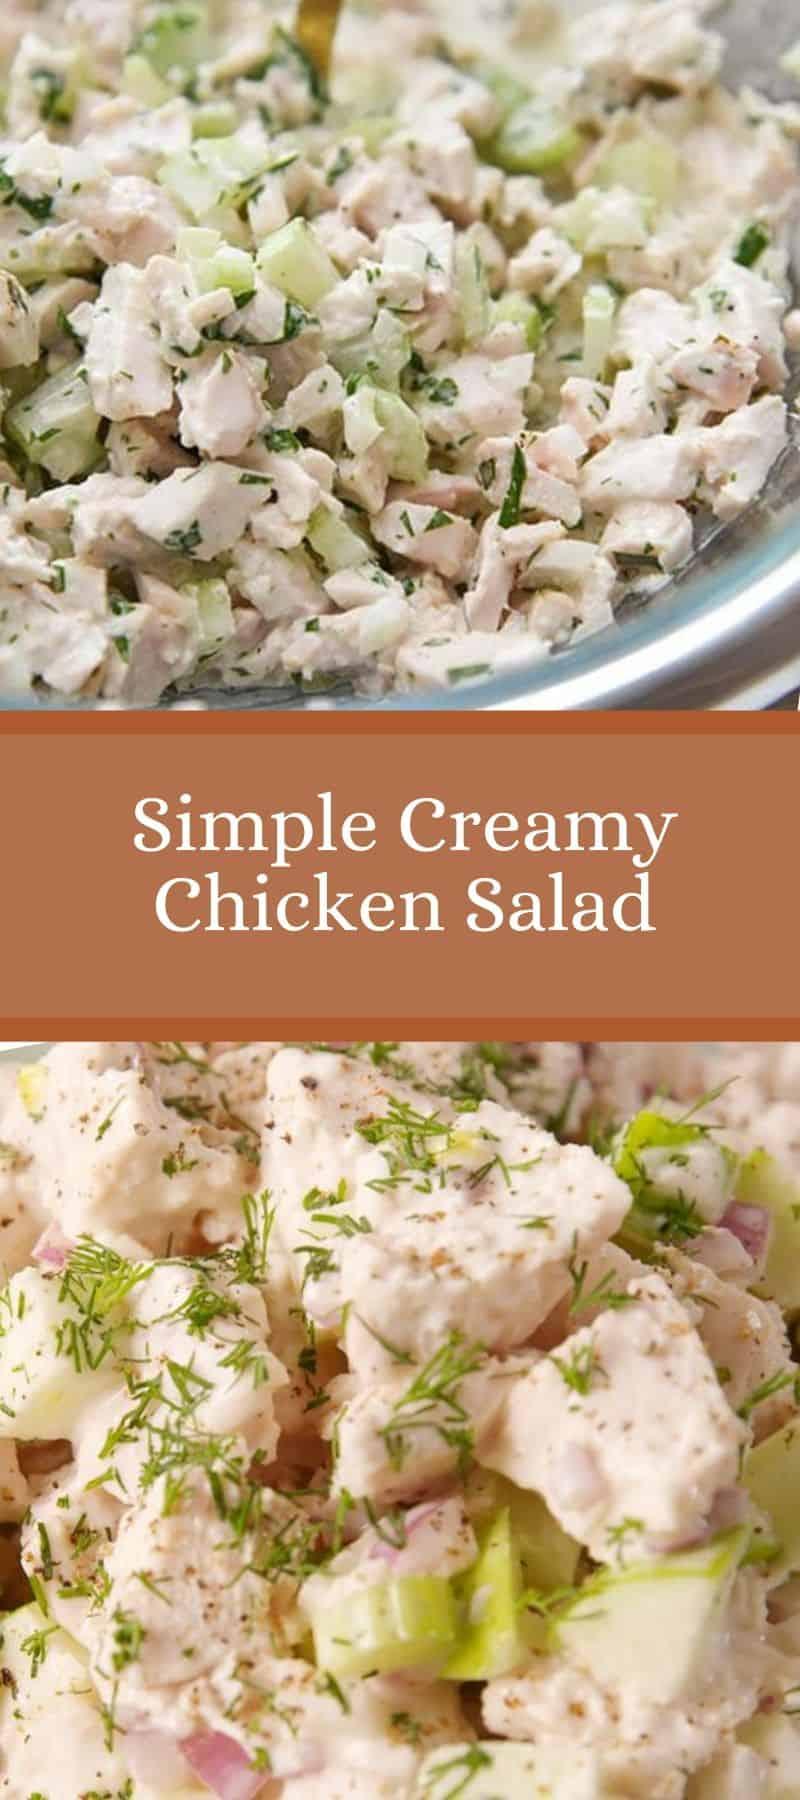 Simple Creamy Chicken Salad Recipe 3